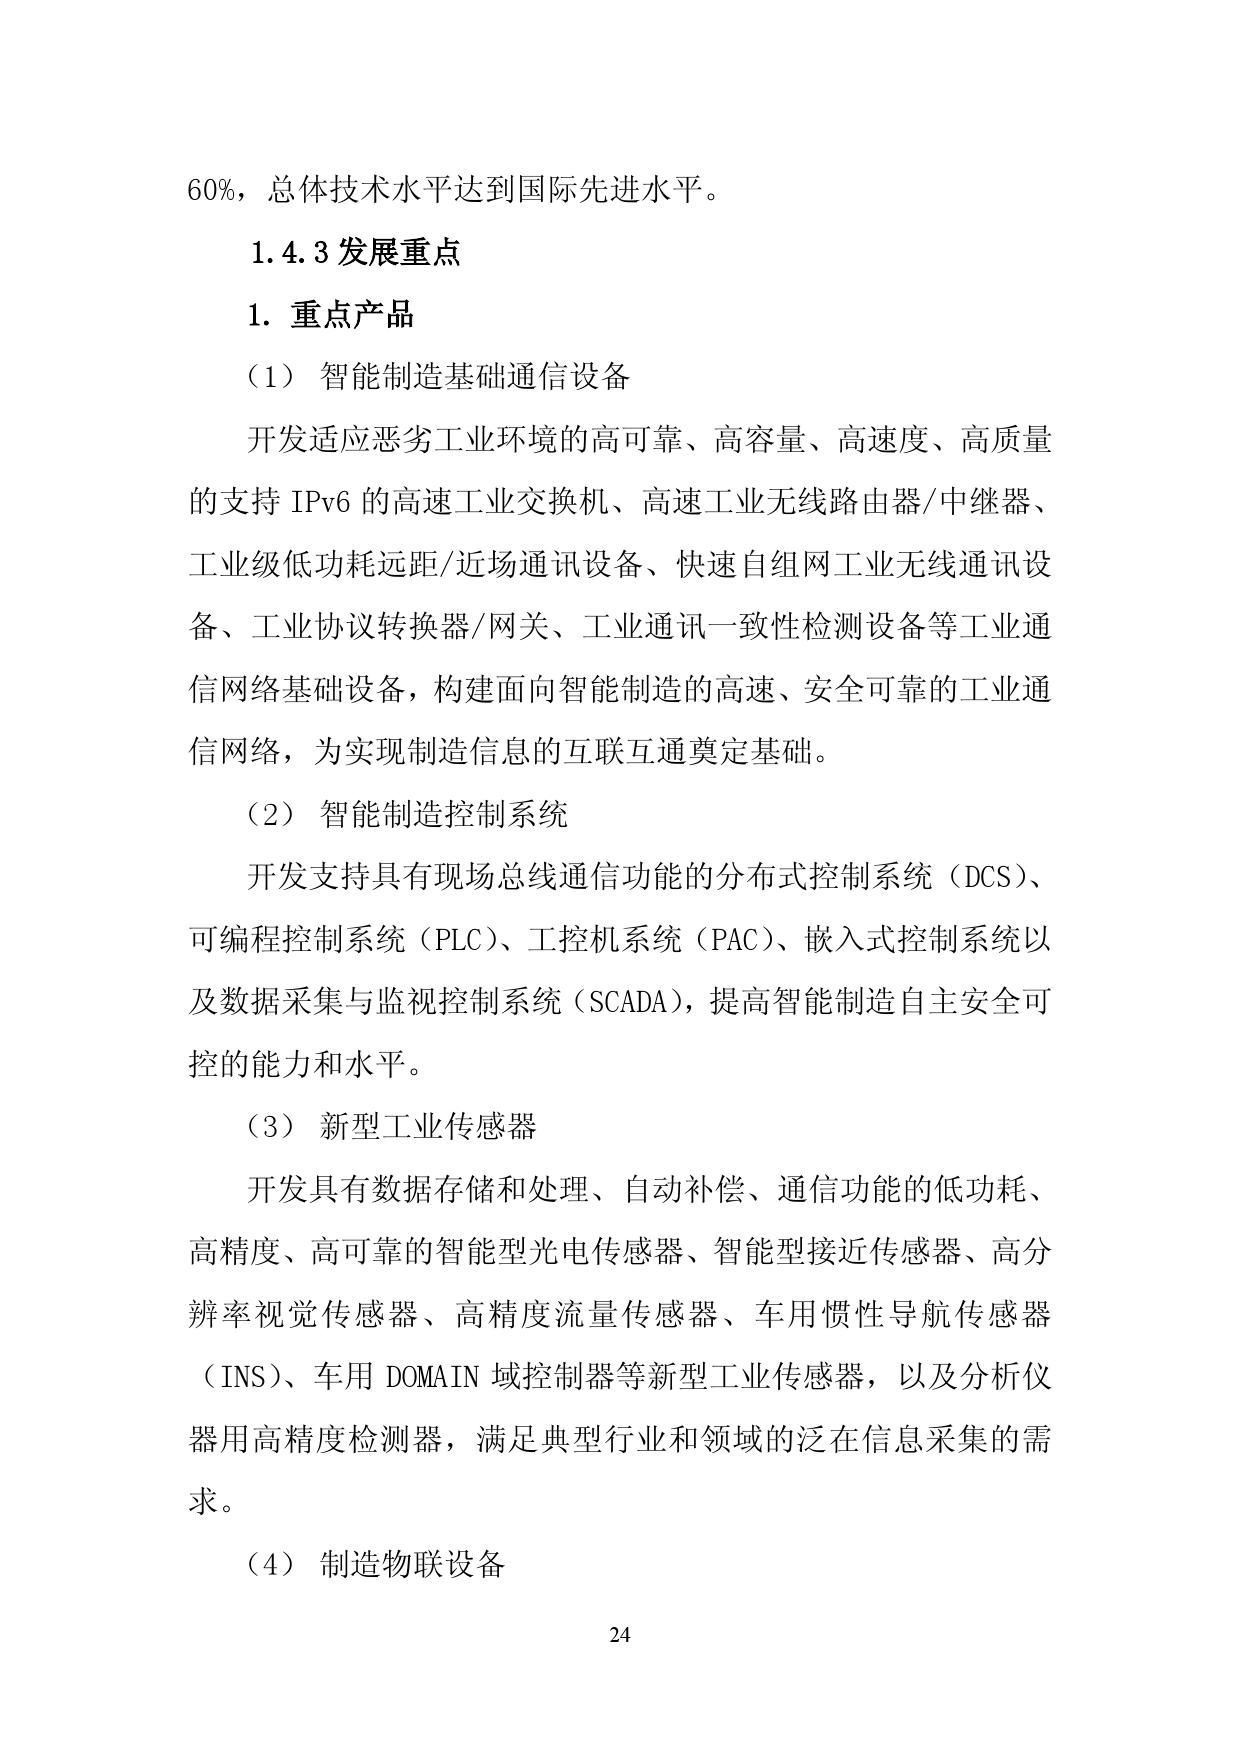 《中国制造 2025》重点领域技术路线图_000030